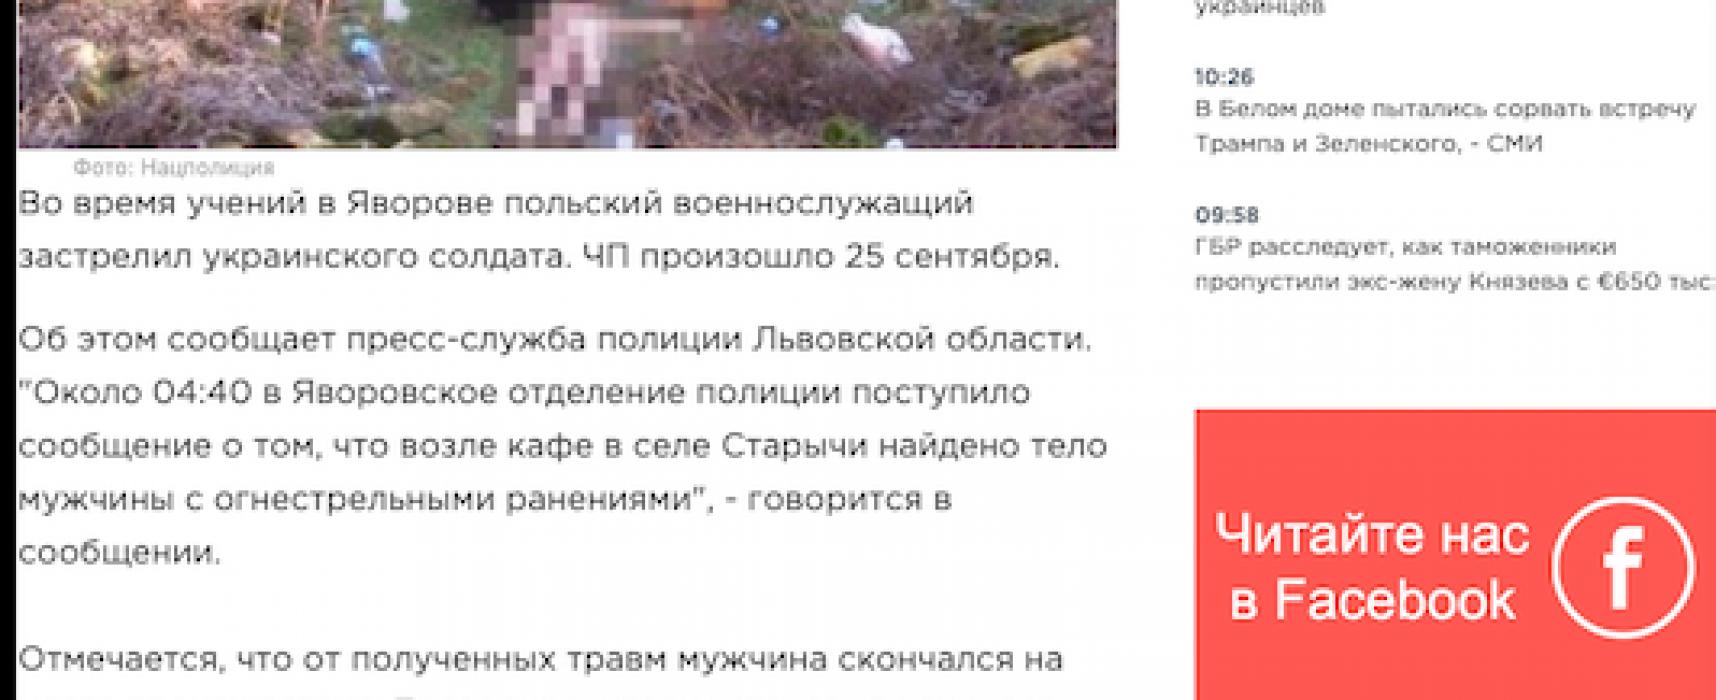 Fake: Polnischer Soldat erschießt in Lwiw ukrainischen Soldaten